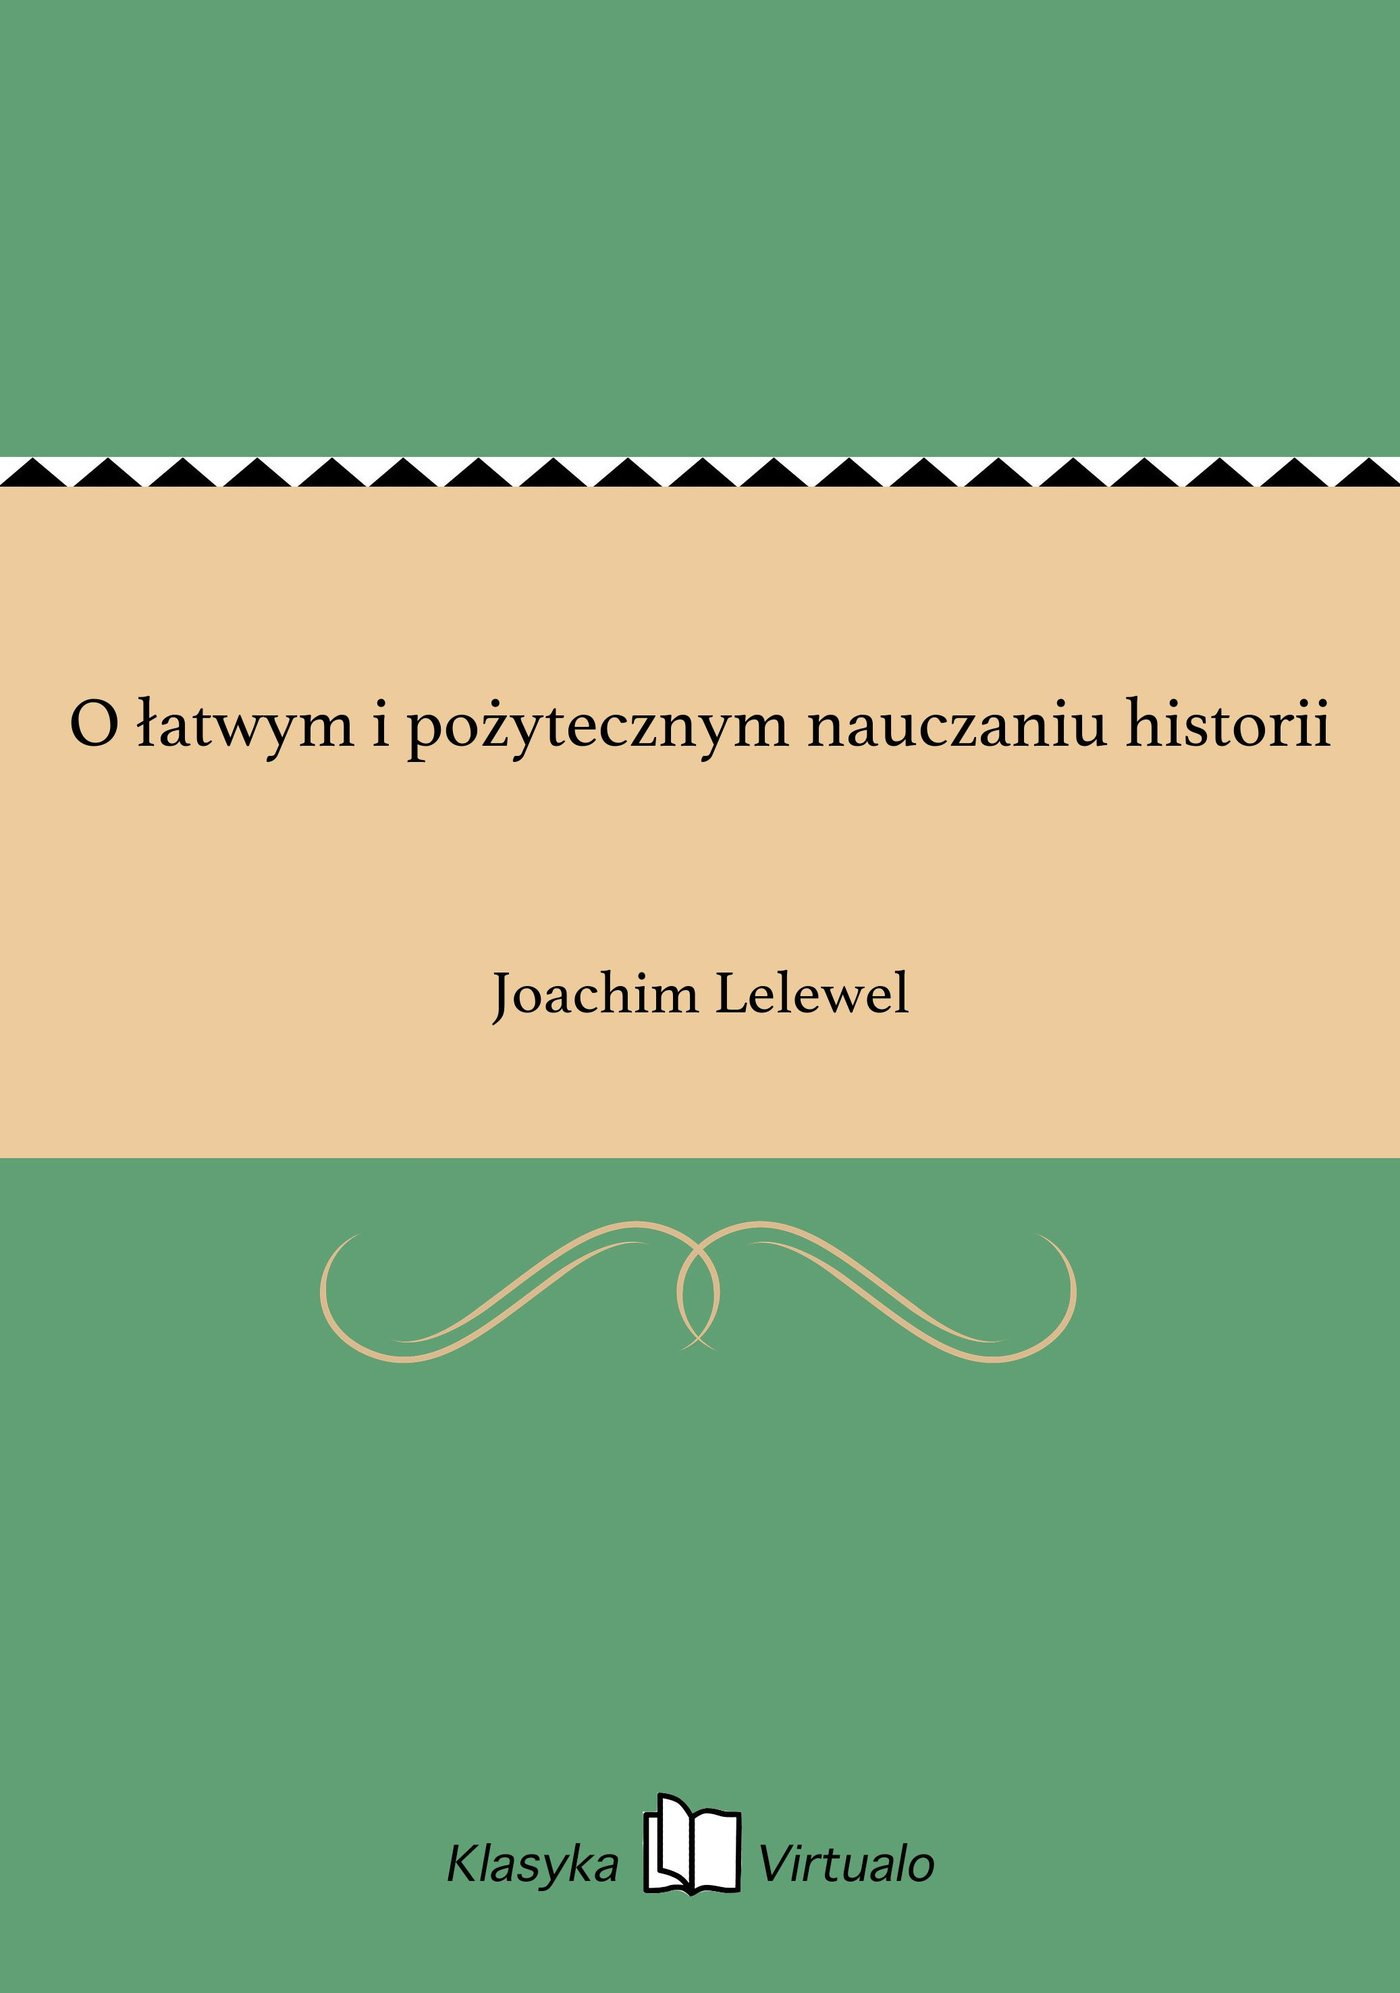 O łatwym i pożytecznym nauczaniu historii - Ebook (Książka na Kindle) do pobrania w formacie MOBI